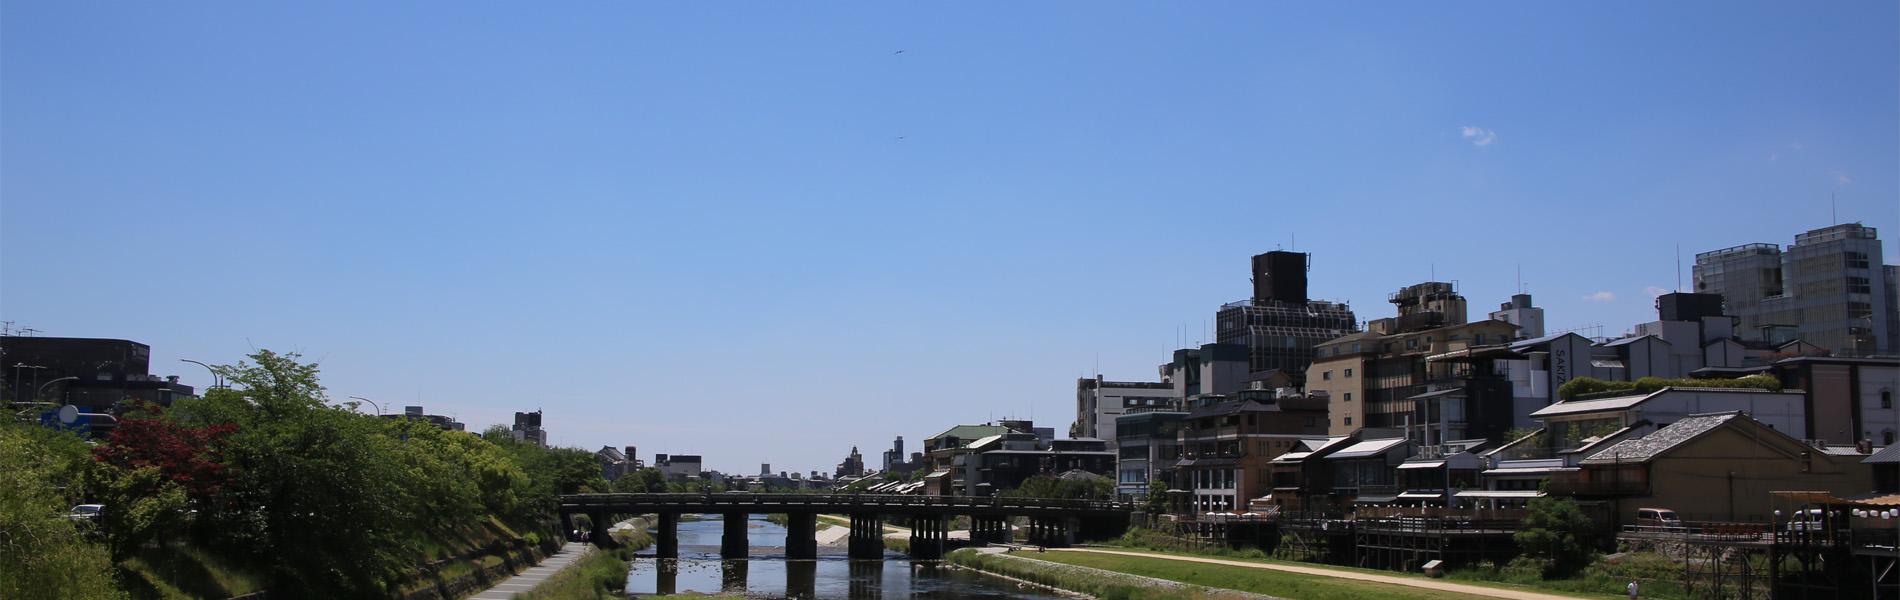 京都 鴨川 晴れの日